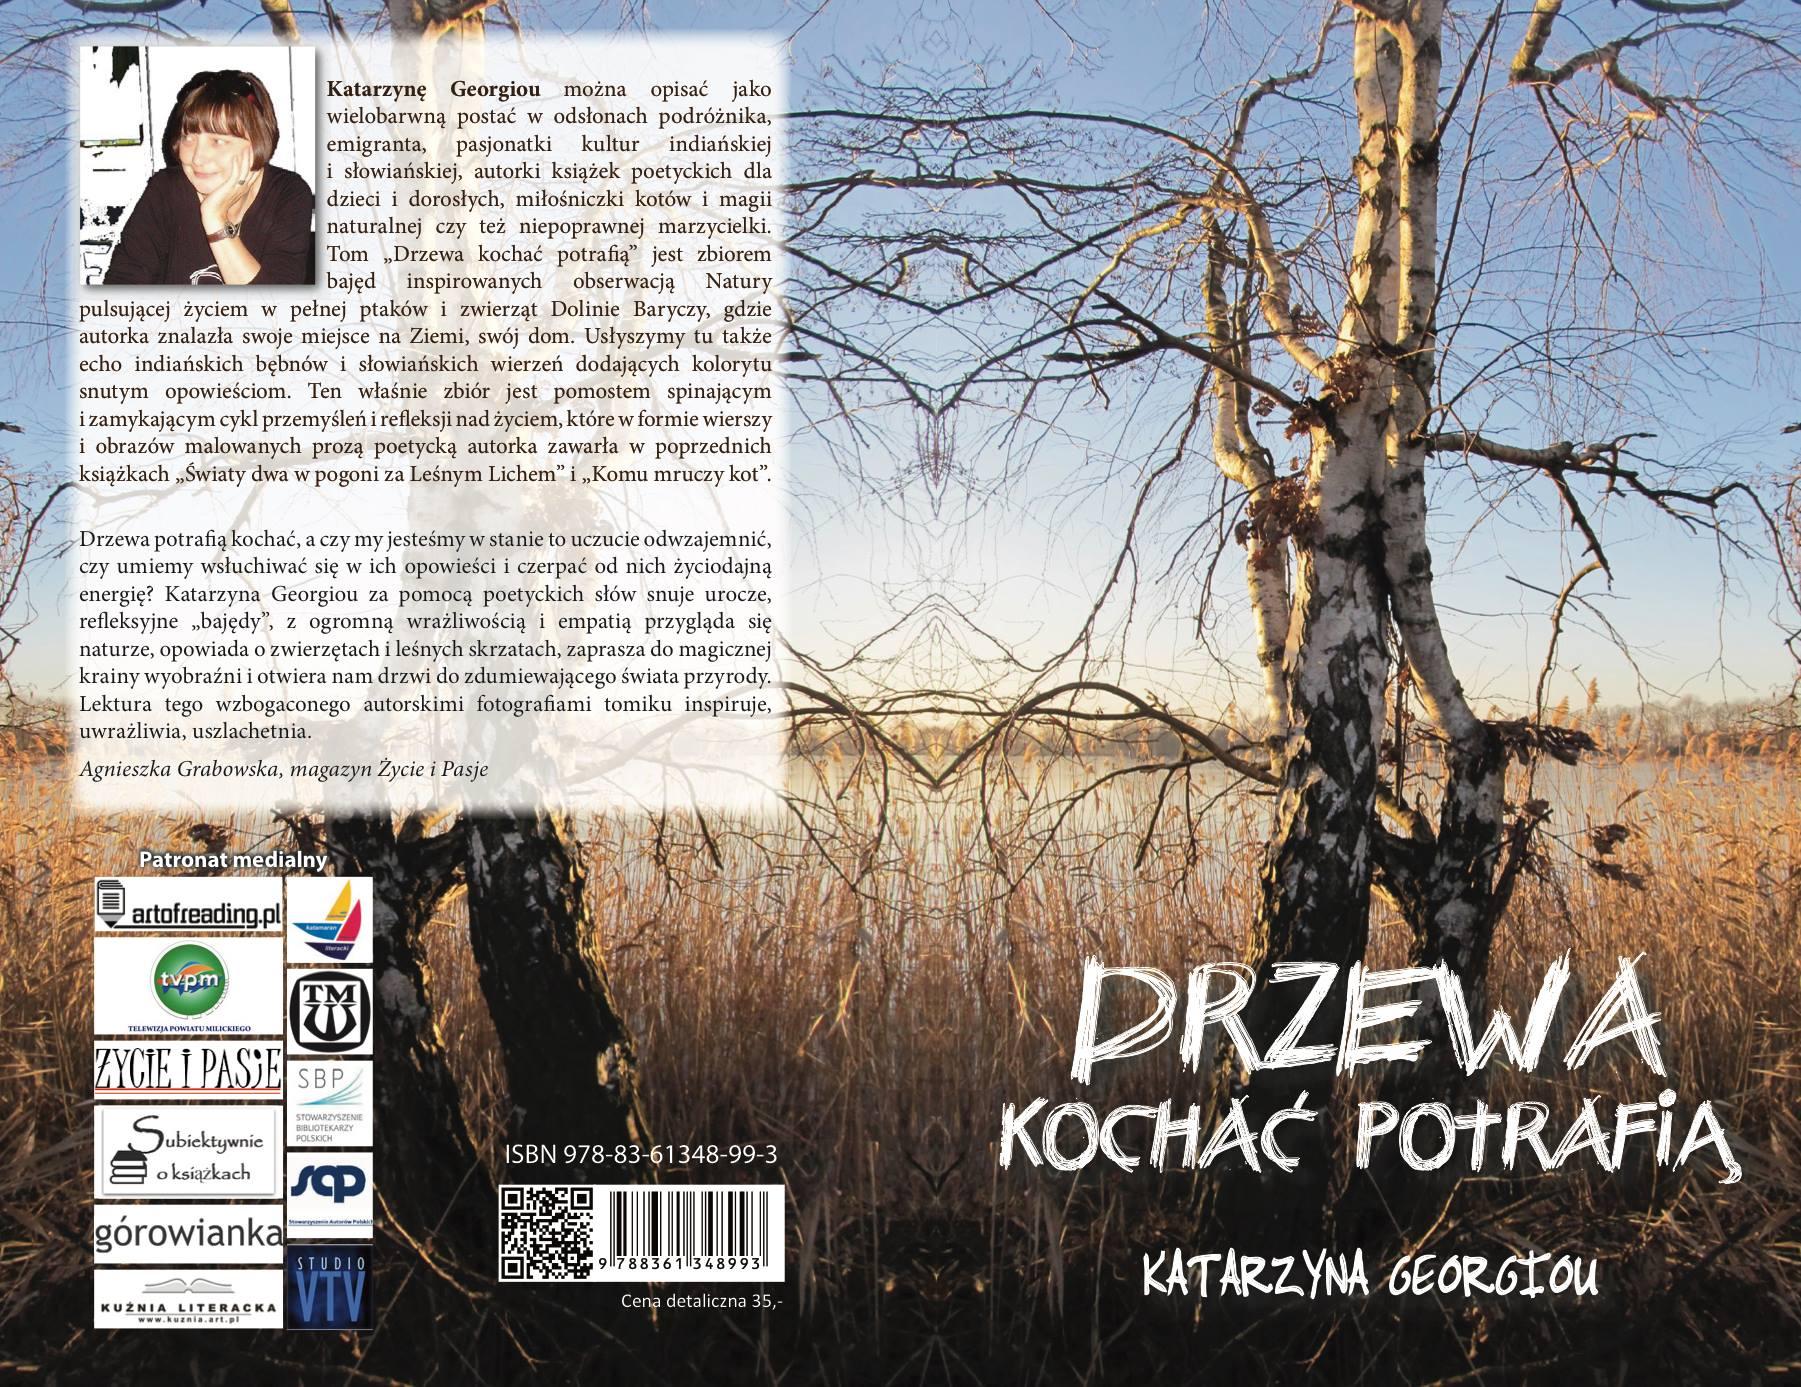 DRZEWA KOCHAĆ POTRAFIĄ, Katarzyna Georgiou - recenzja przedpremierowa